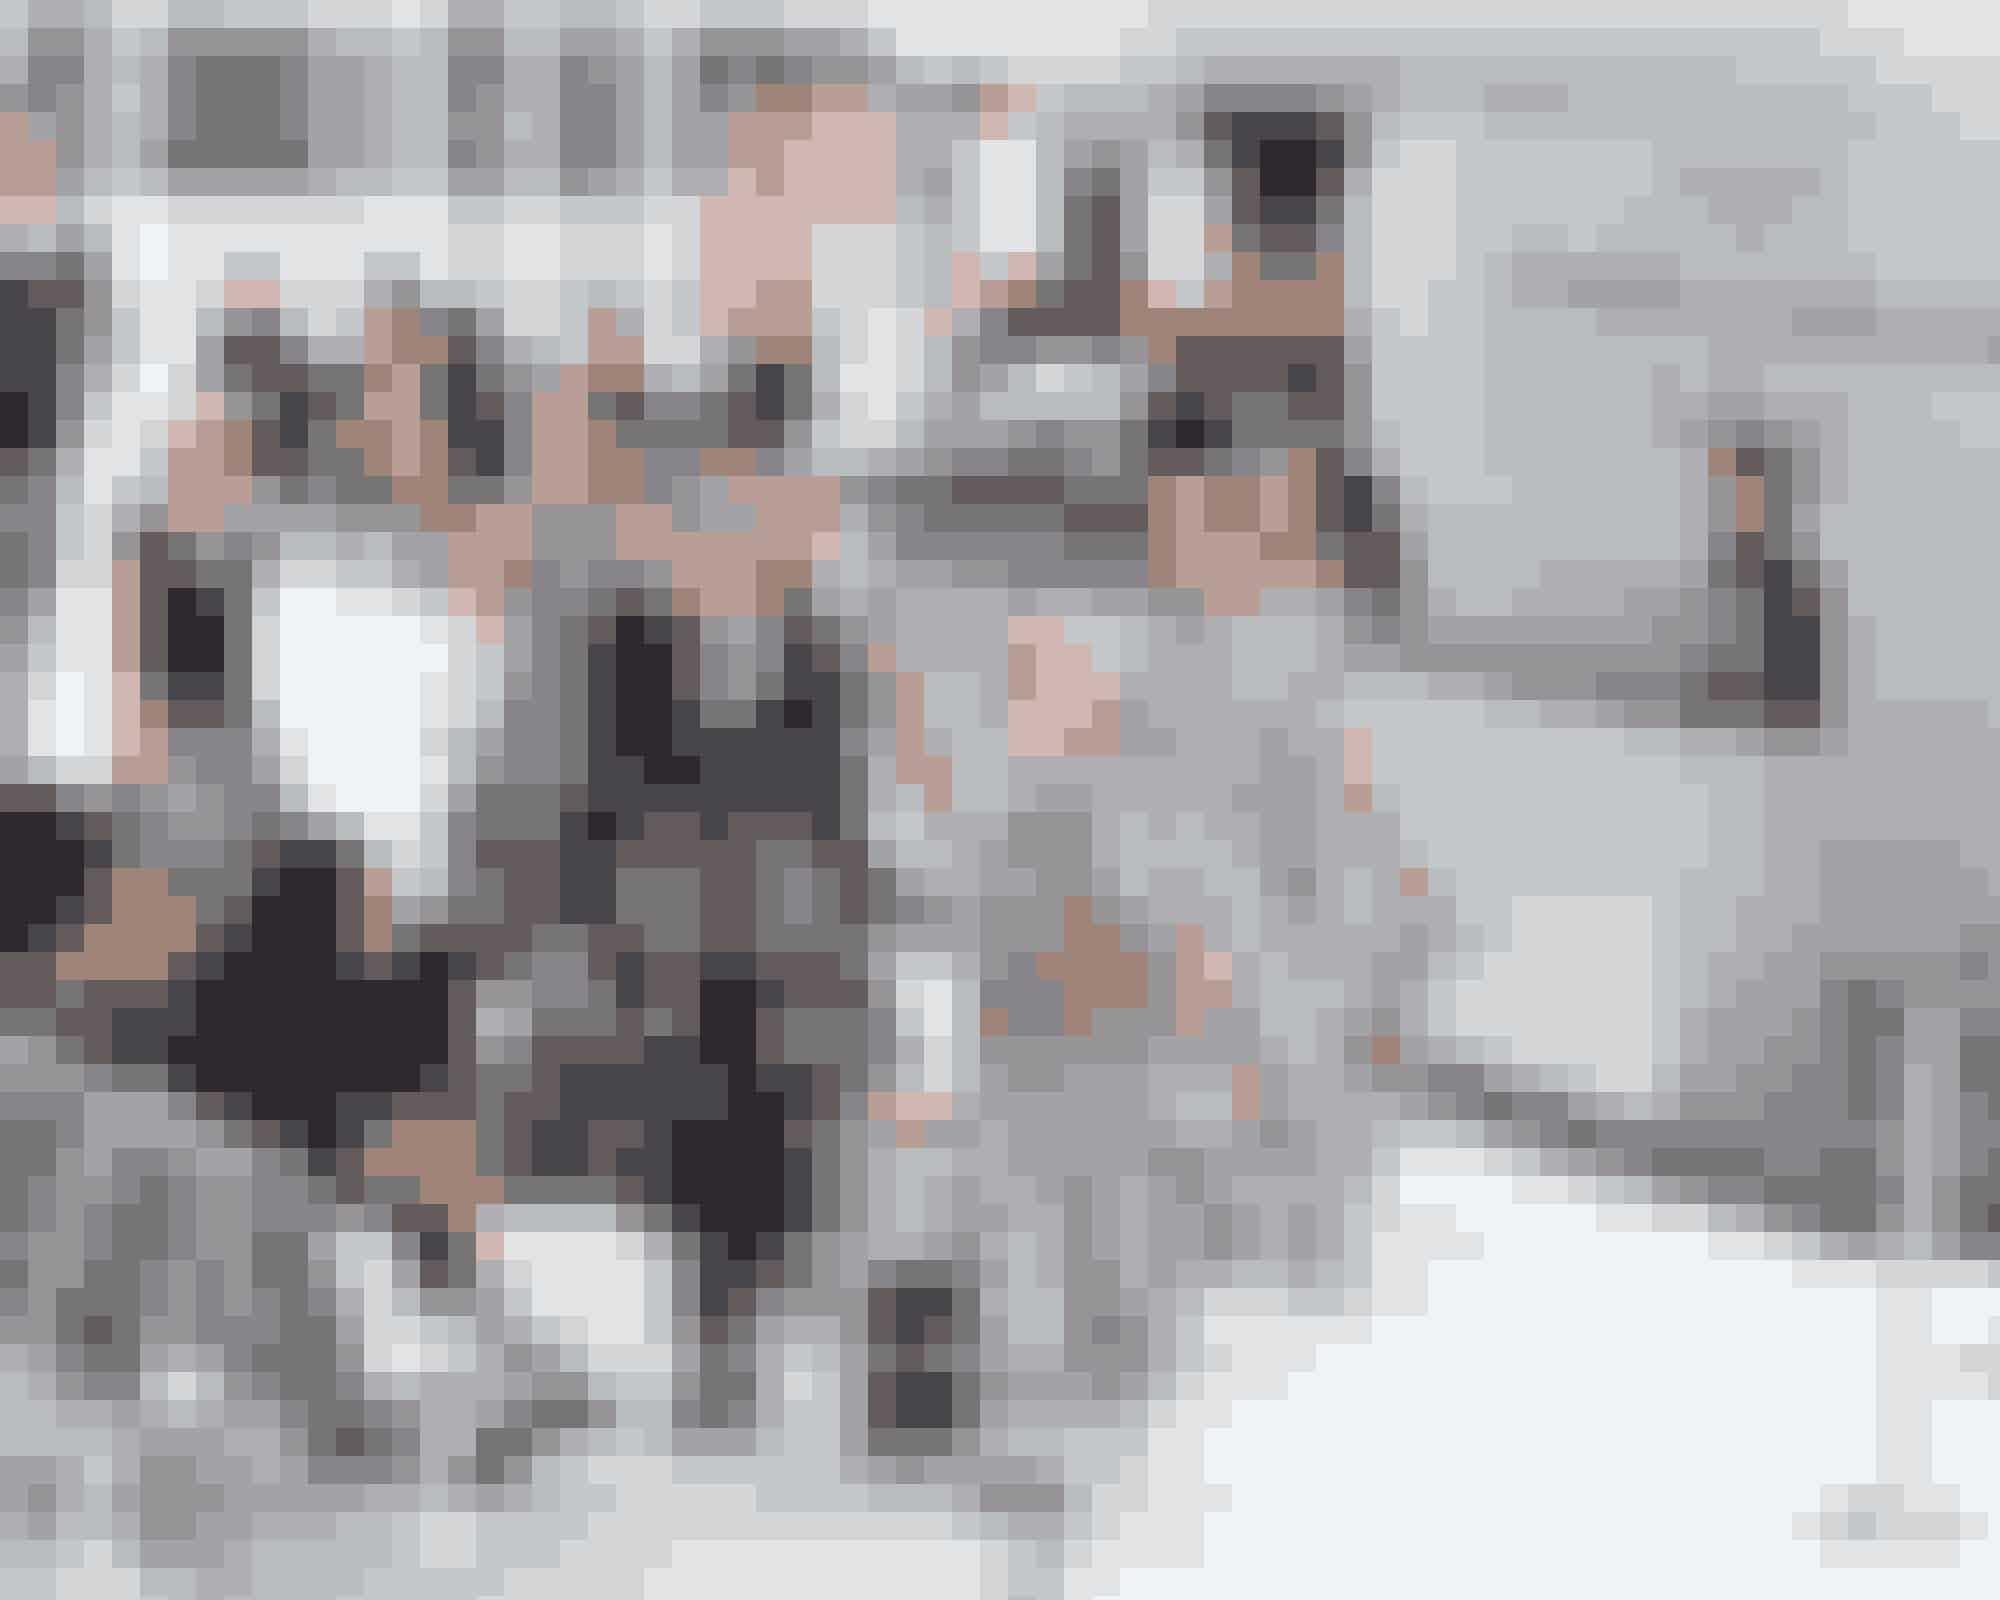 Lufthavn SS16Sidste udkald til Chanel Airlines til Paris … Grand Palais har også været omdannet til lufthavn – det er et par år siden Chanel viste en kollektion, som også var inspireret af rejse og lufthavnsuniformer. Og da Karl Lagerfeld ikke går på kompromis med detaljer, blev alle de fine gæster til showet bænket på hårde, ubekvemme lufthavnsbænke – men mon ikke de nød det alligevel?